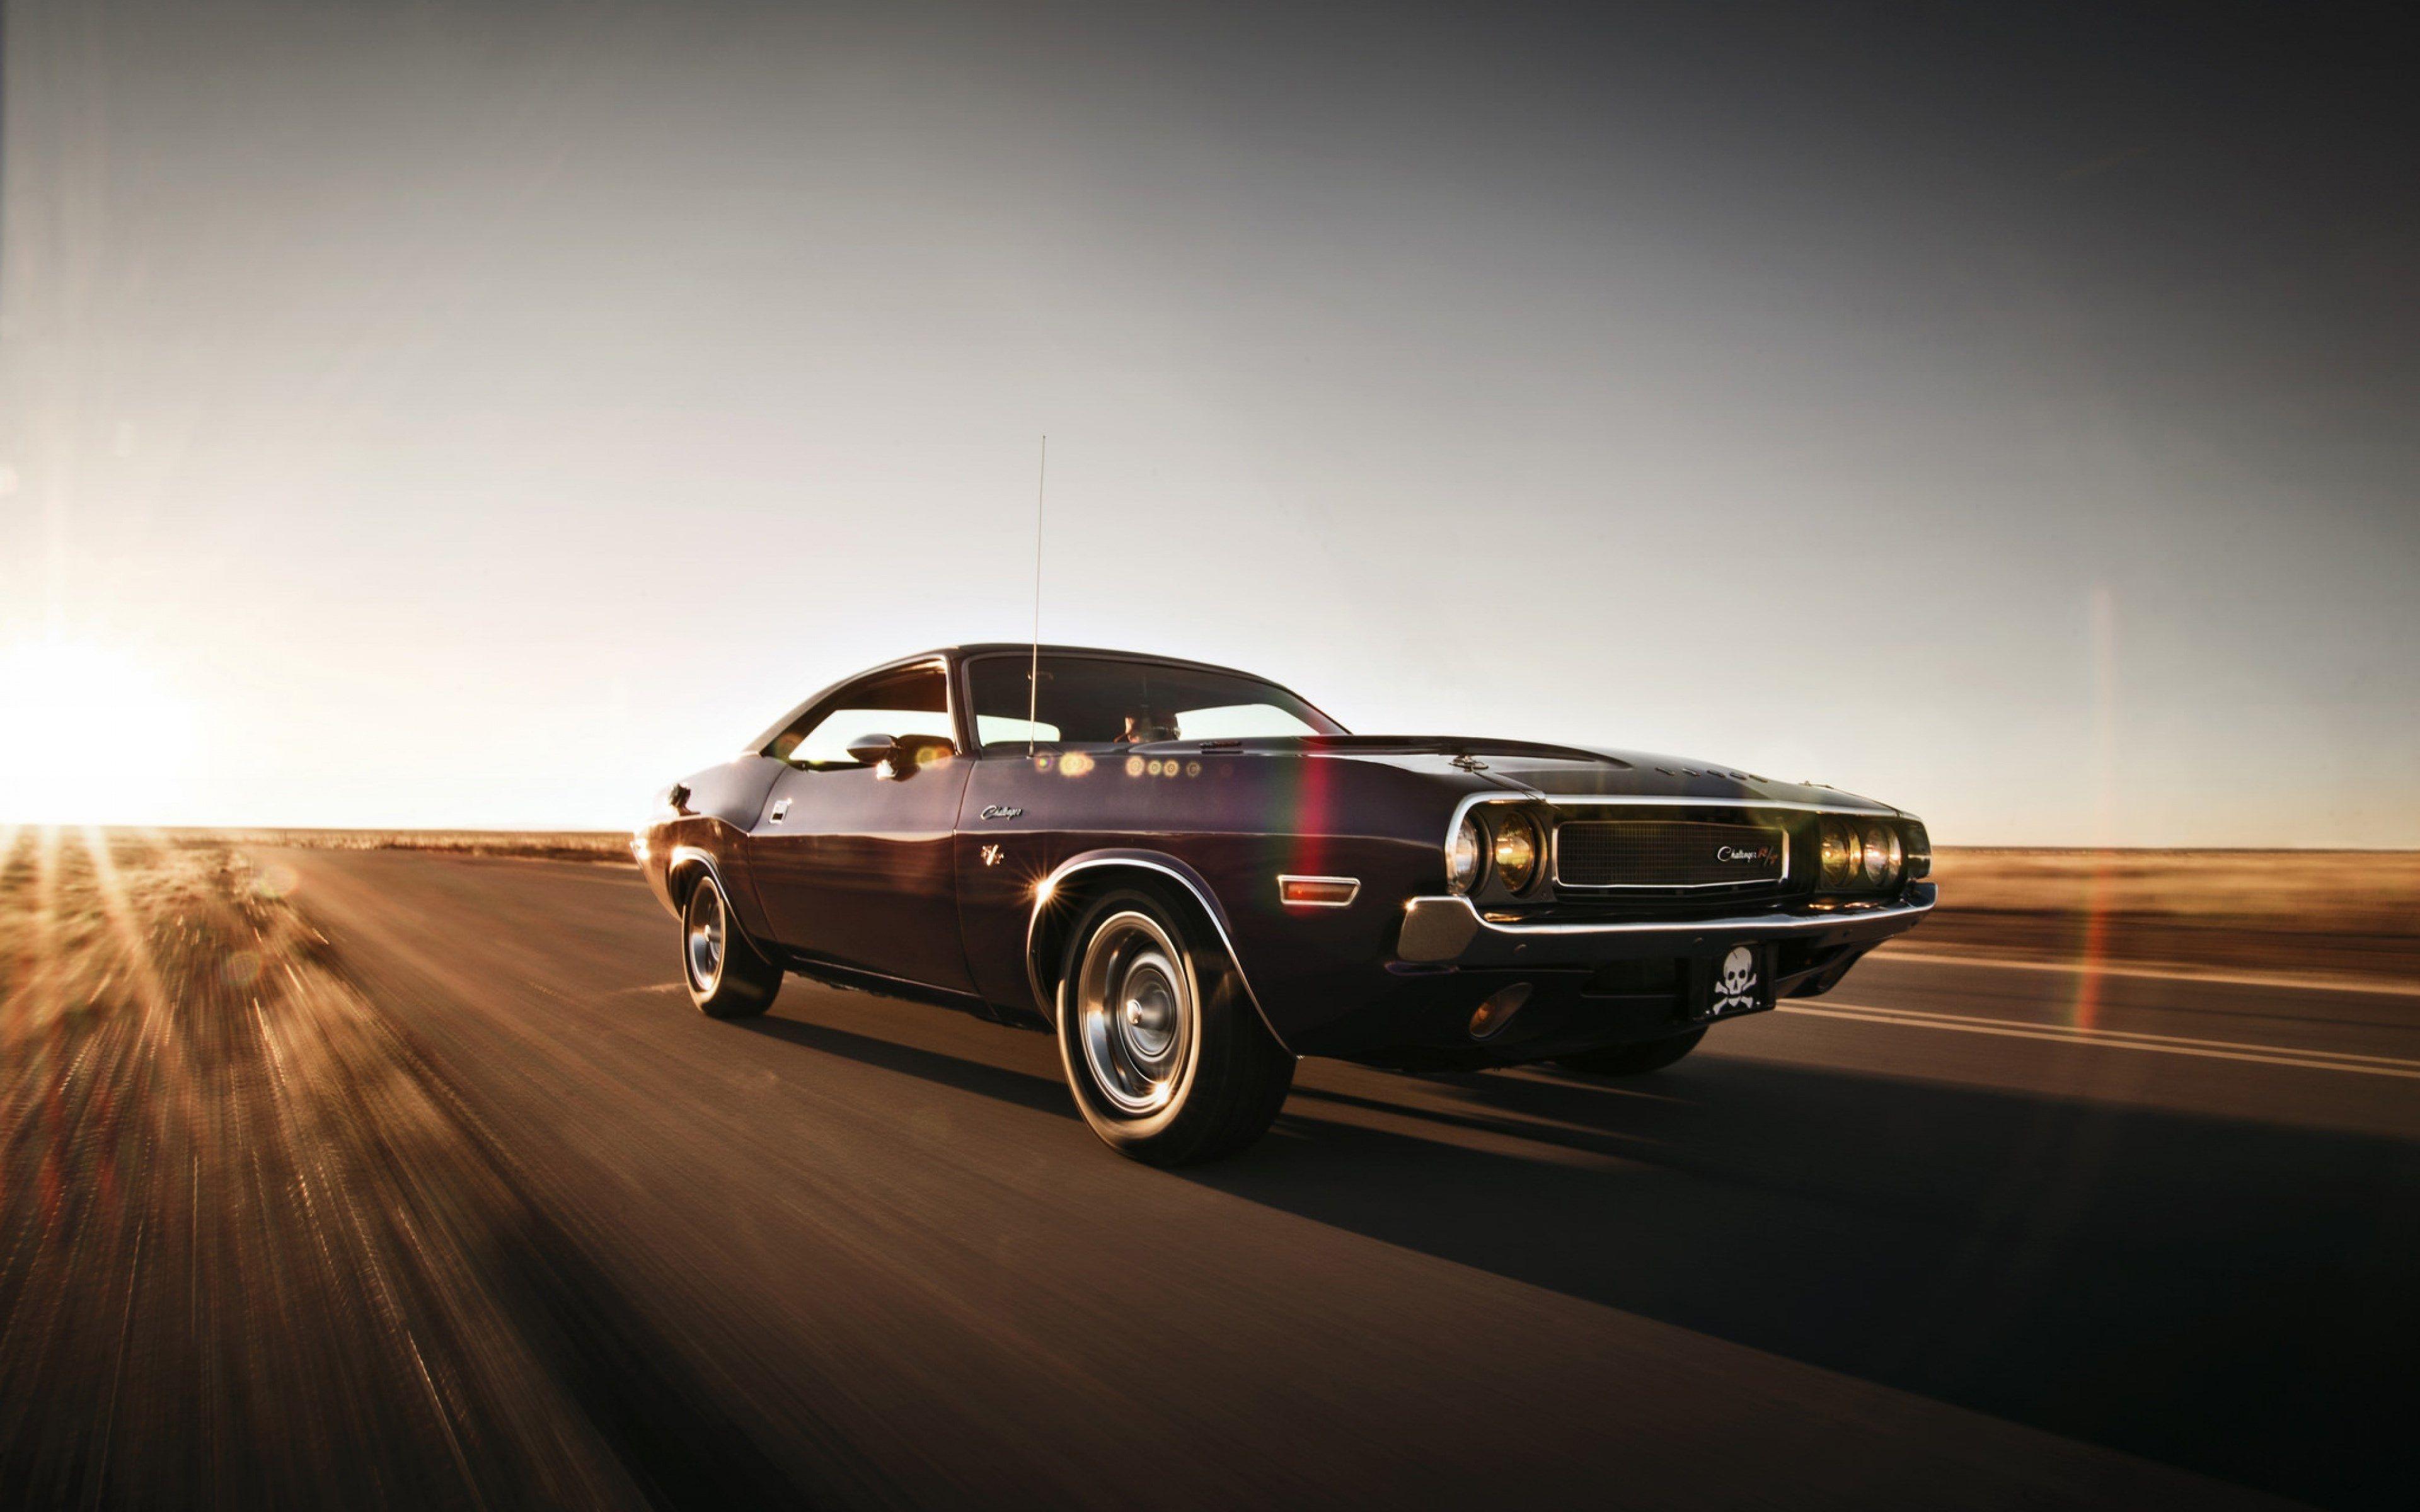 3840x2400 Dodge Challenger 4k Wallpaper Image Hd Fotografii Oboi